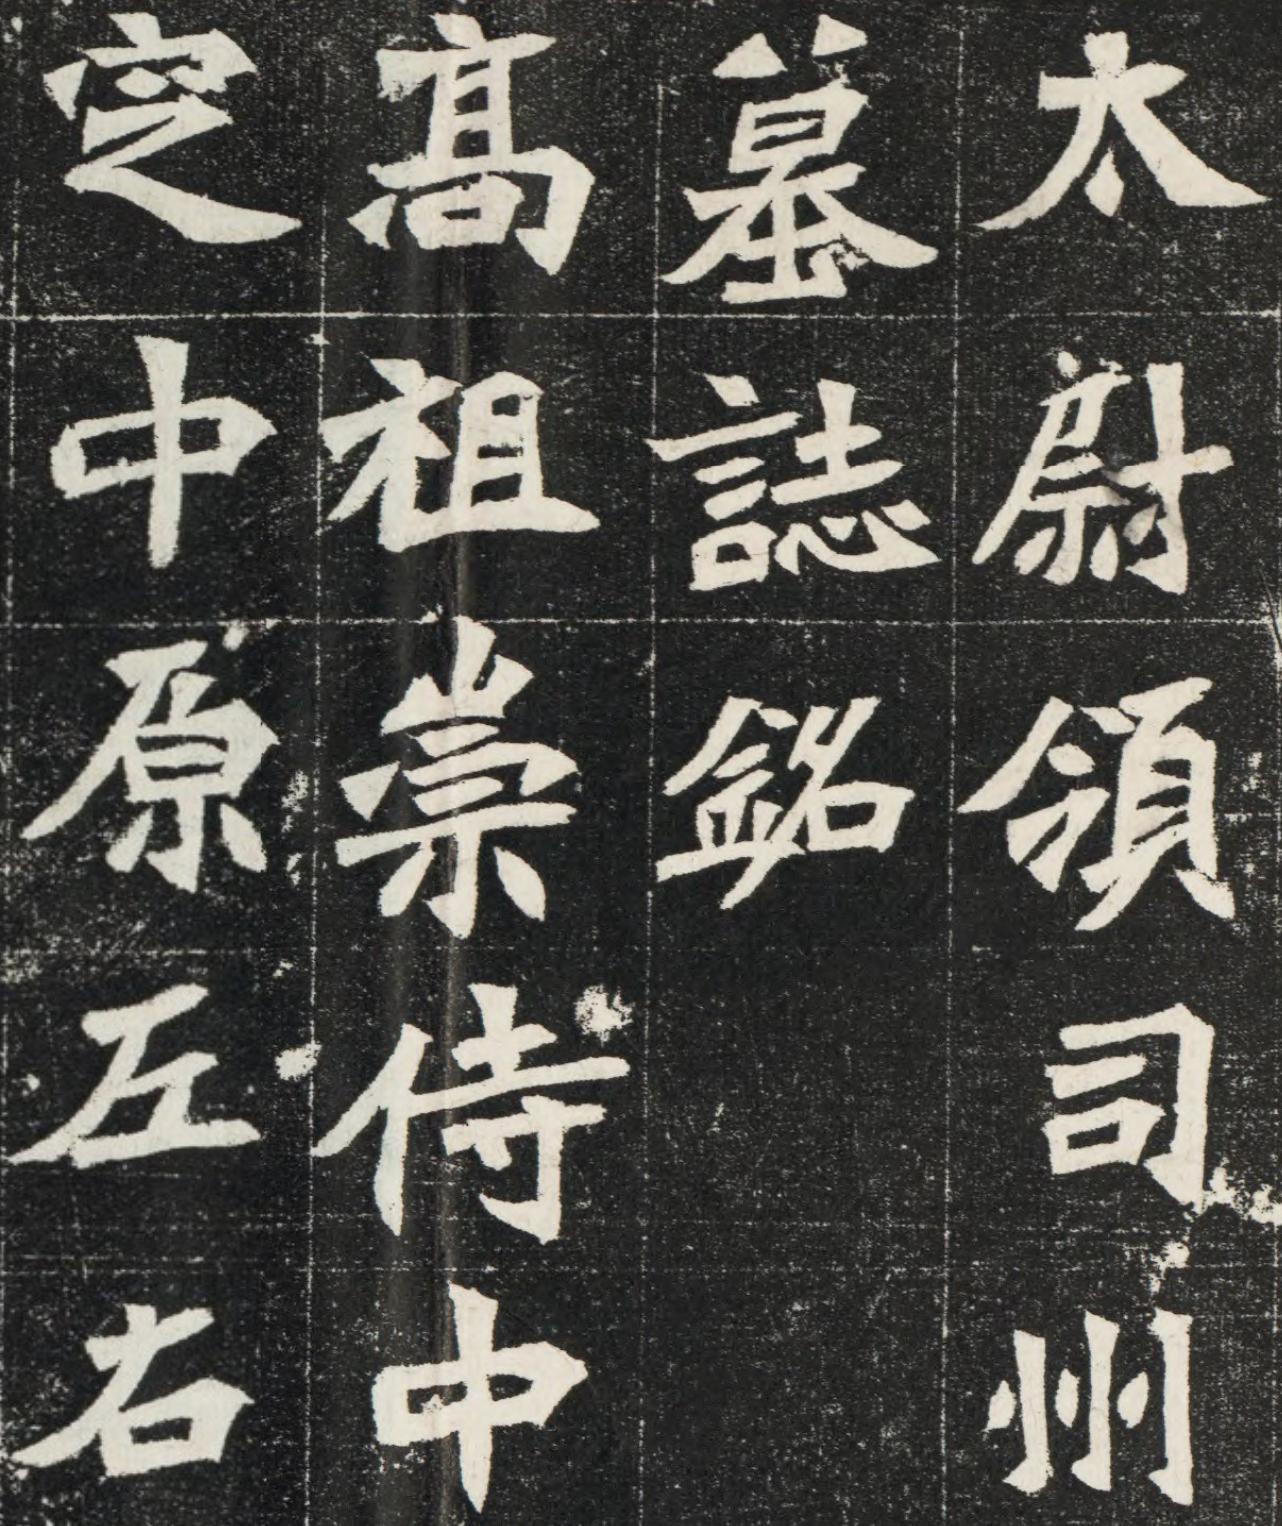 魏|穆亮墓志